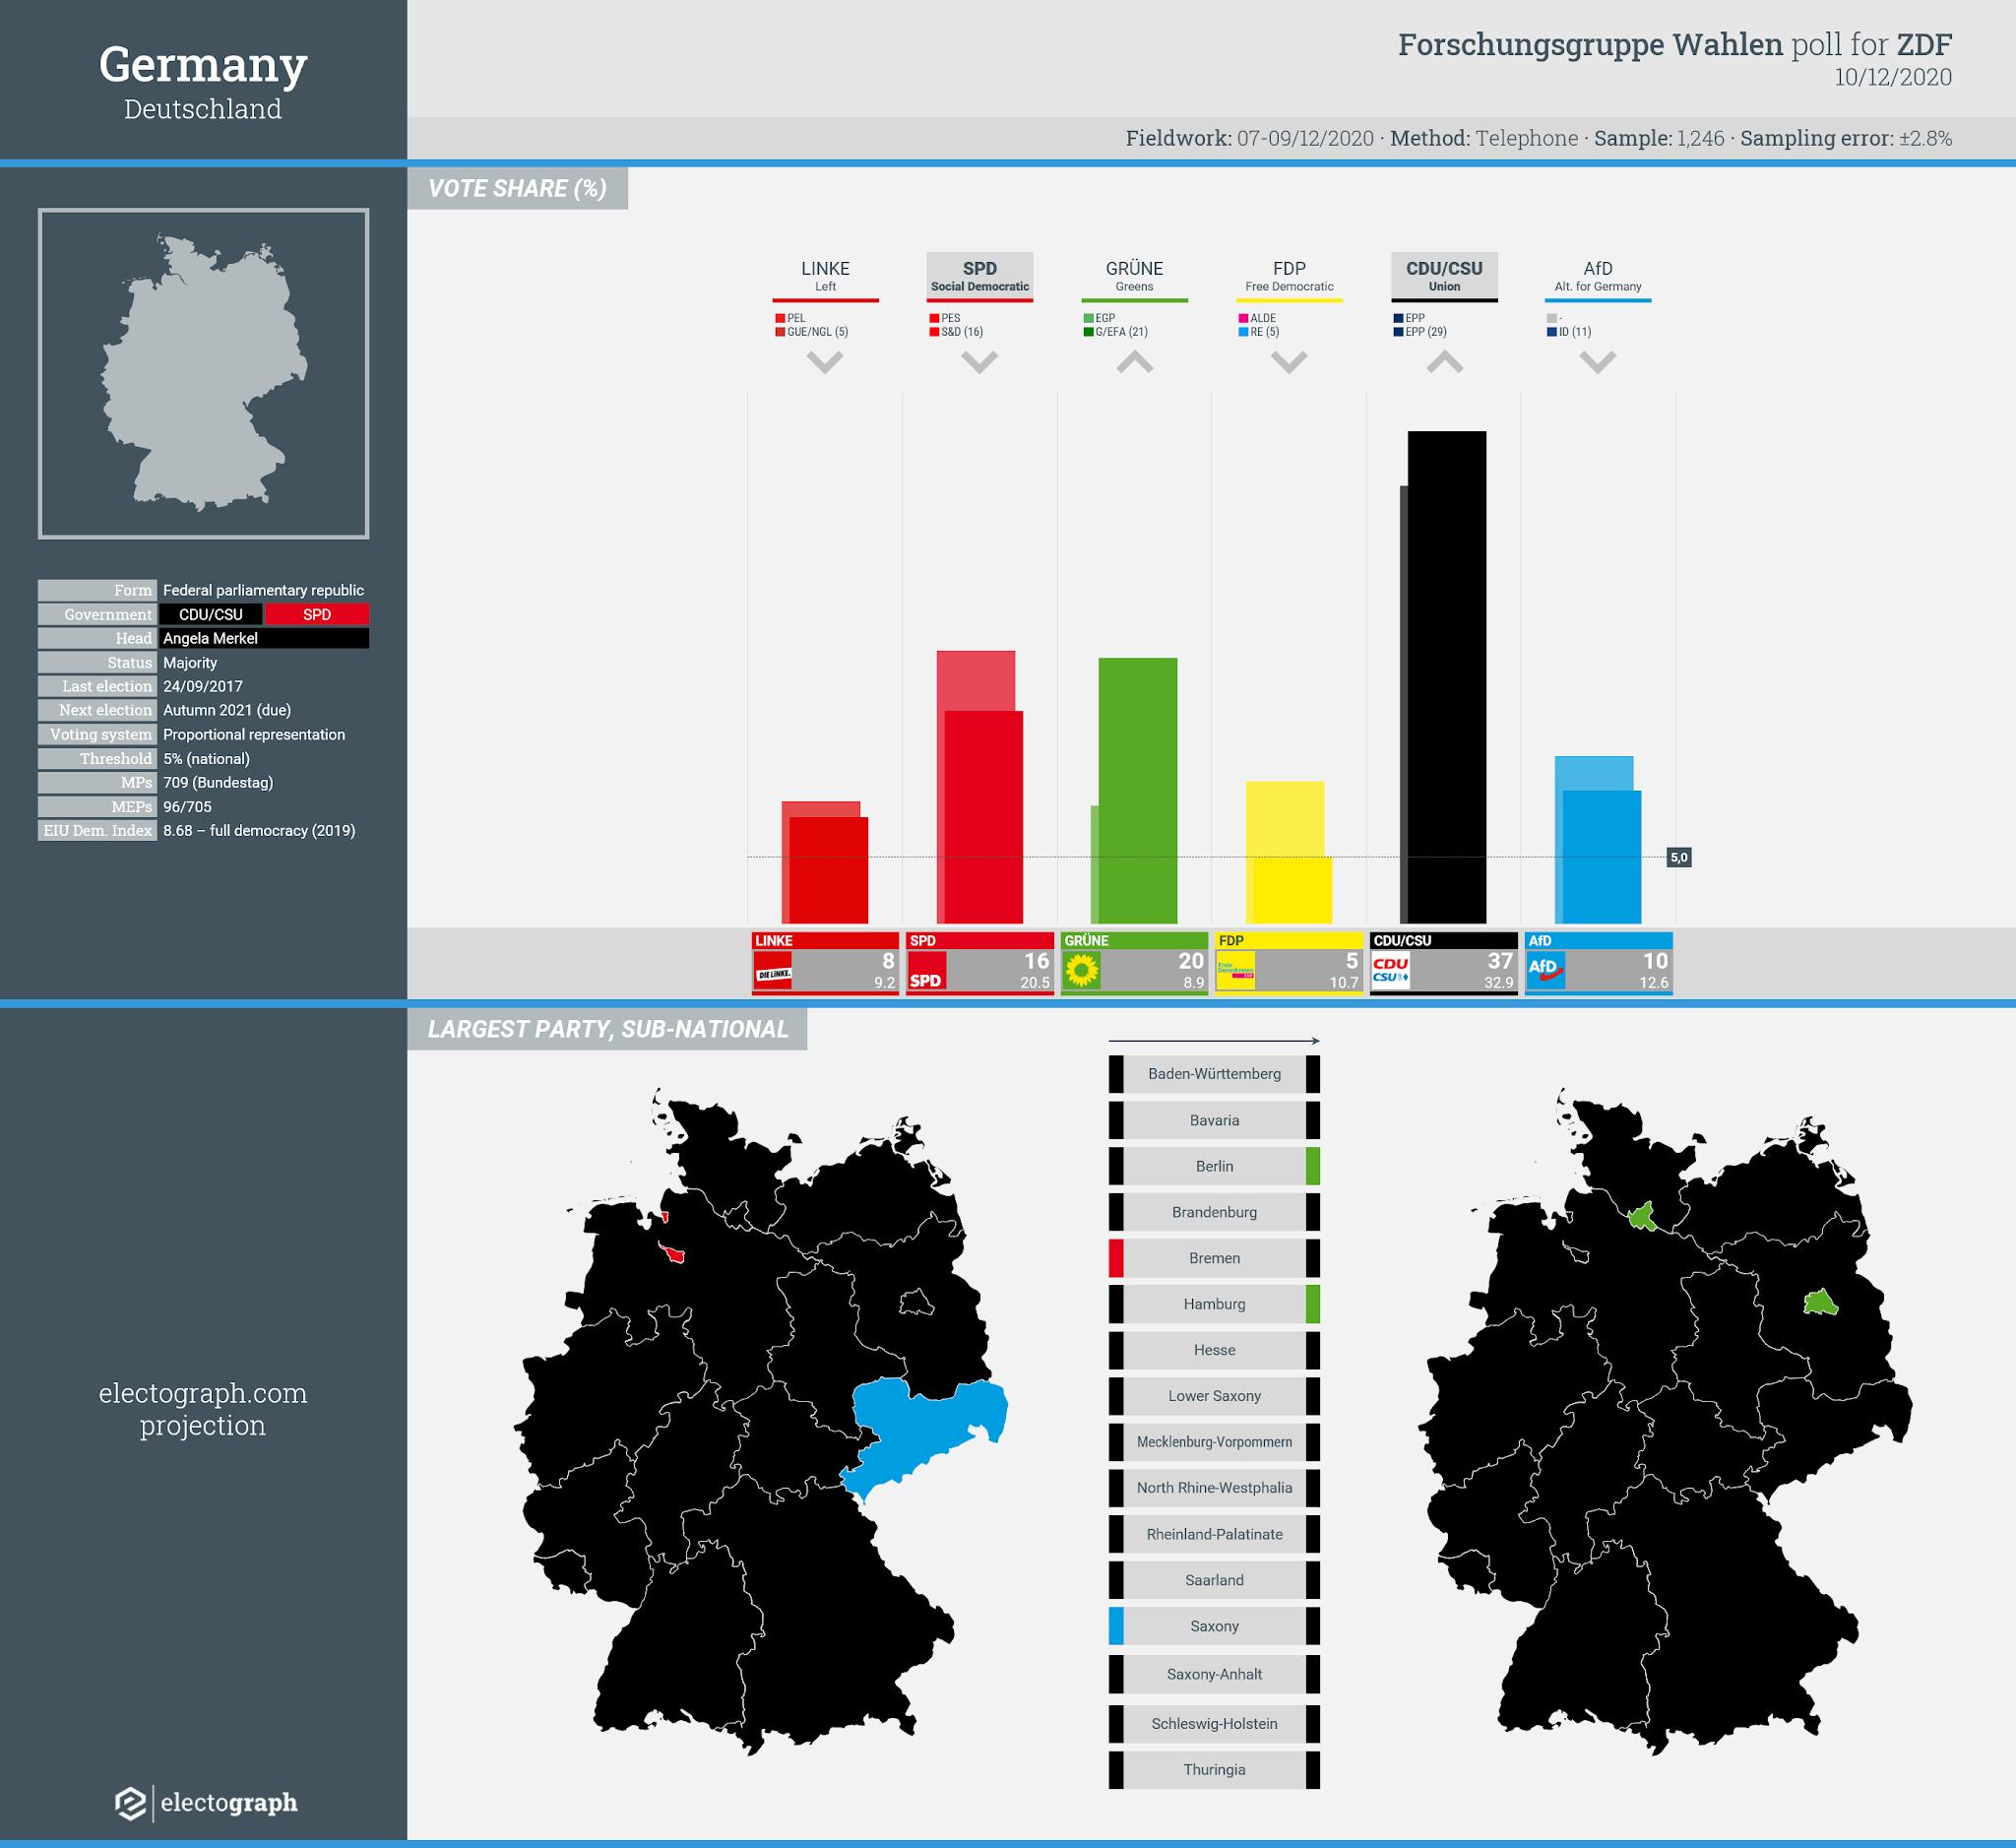 GERMANY: Forschungsgruppe Wahlen poll chart for ZDF, 10 December 2020